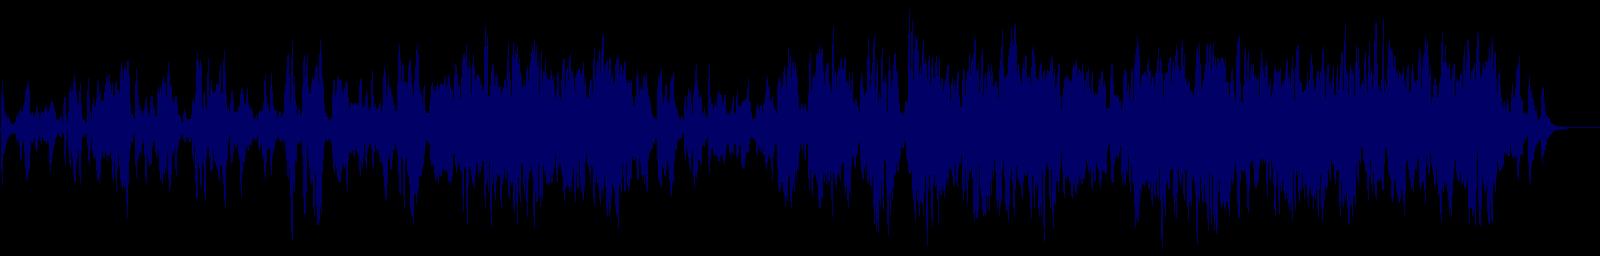 waveform of track #90629